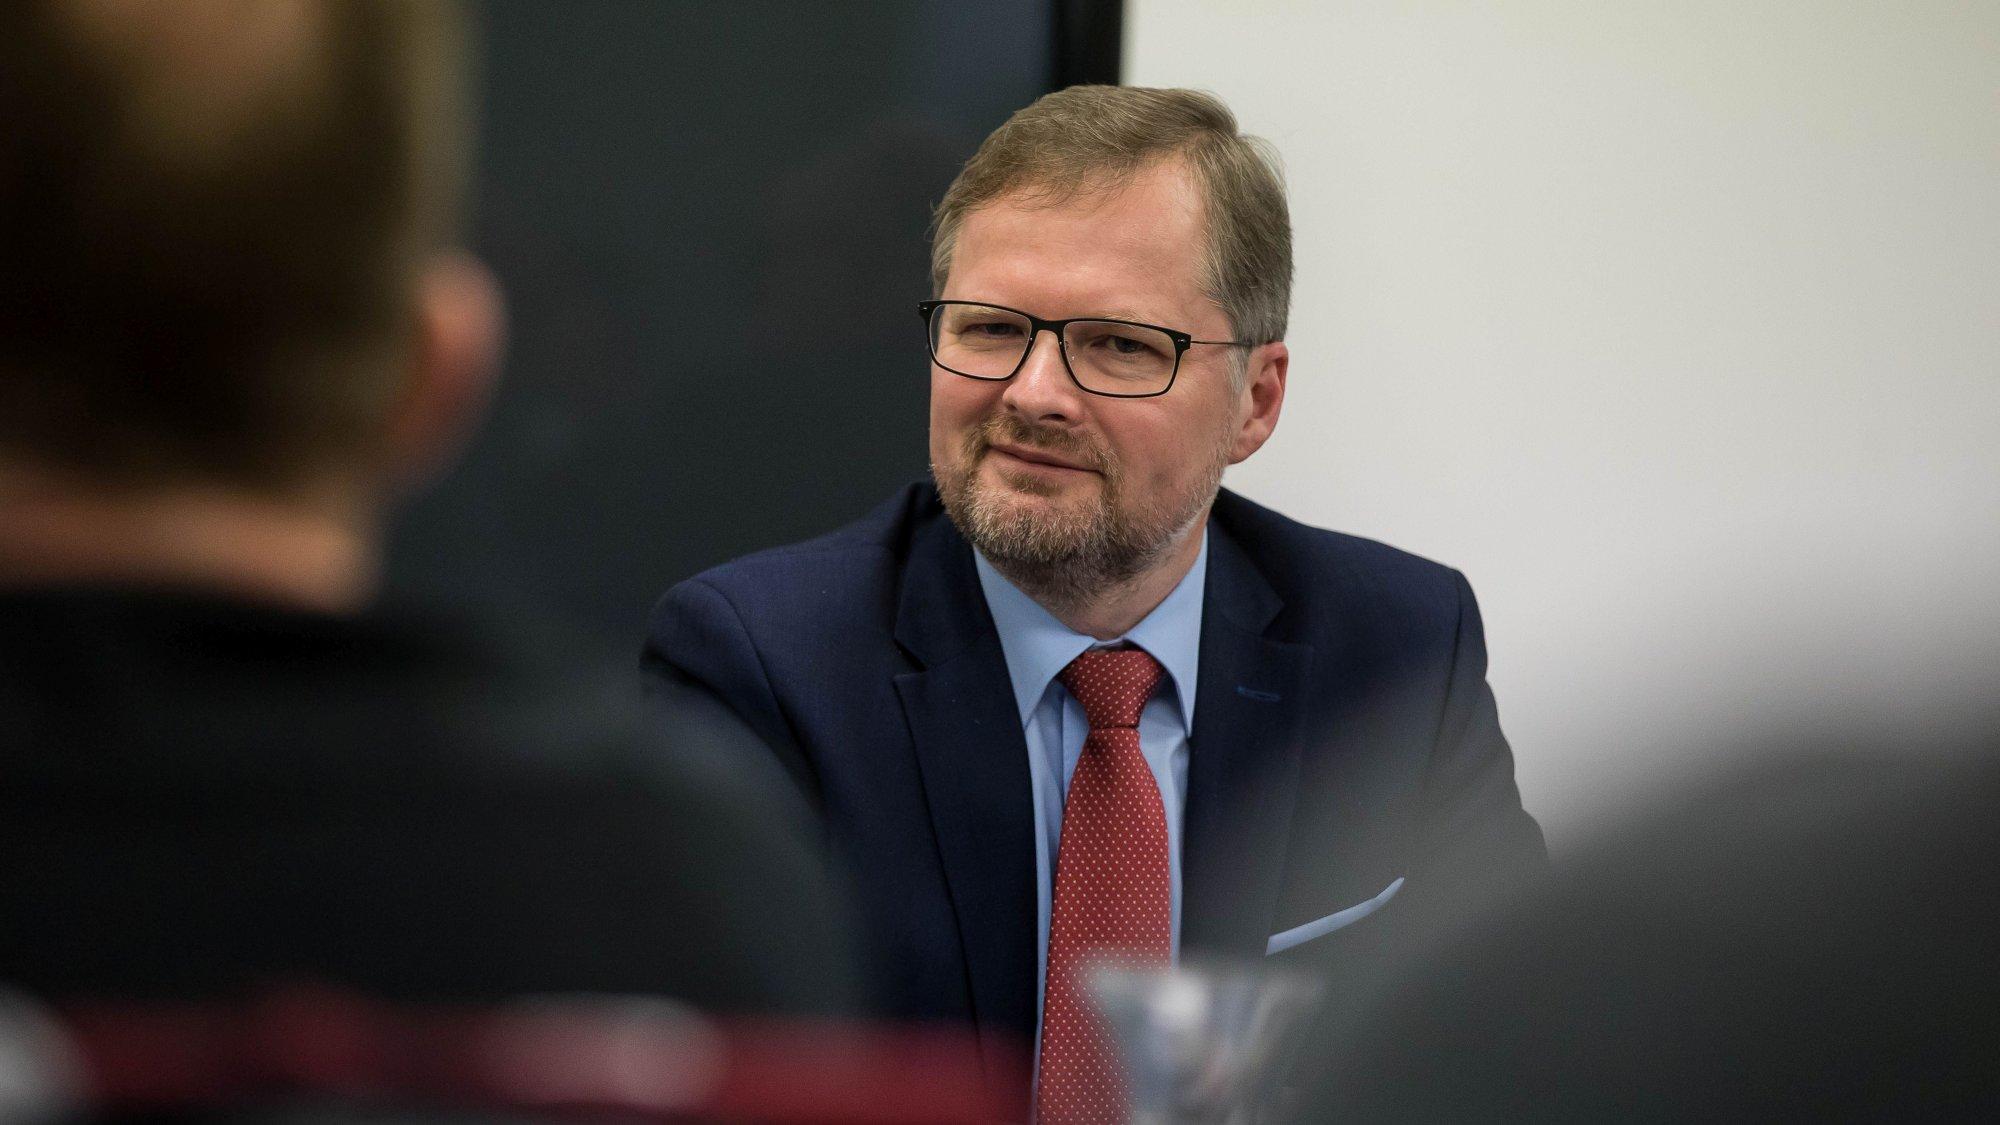 Petr Fiala: Press klubu Frekvence 1: Byli jsme svědky neskutečného politického pokrytectví